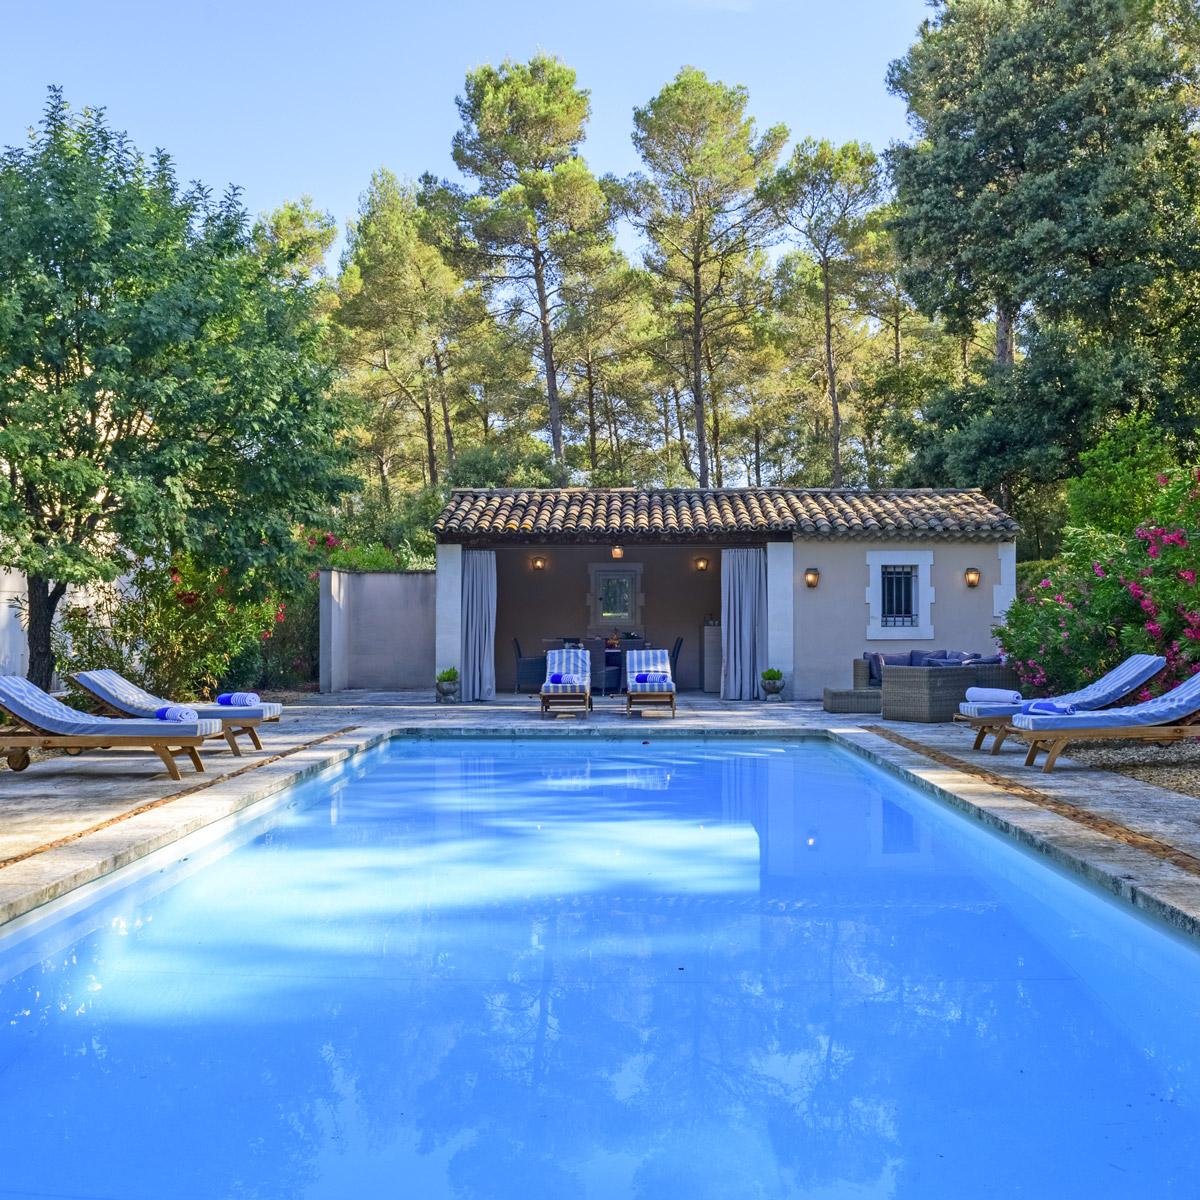 piscine-exterieure-villa-charme-provence